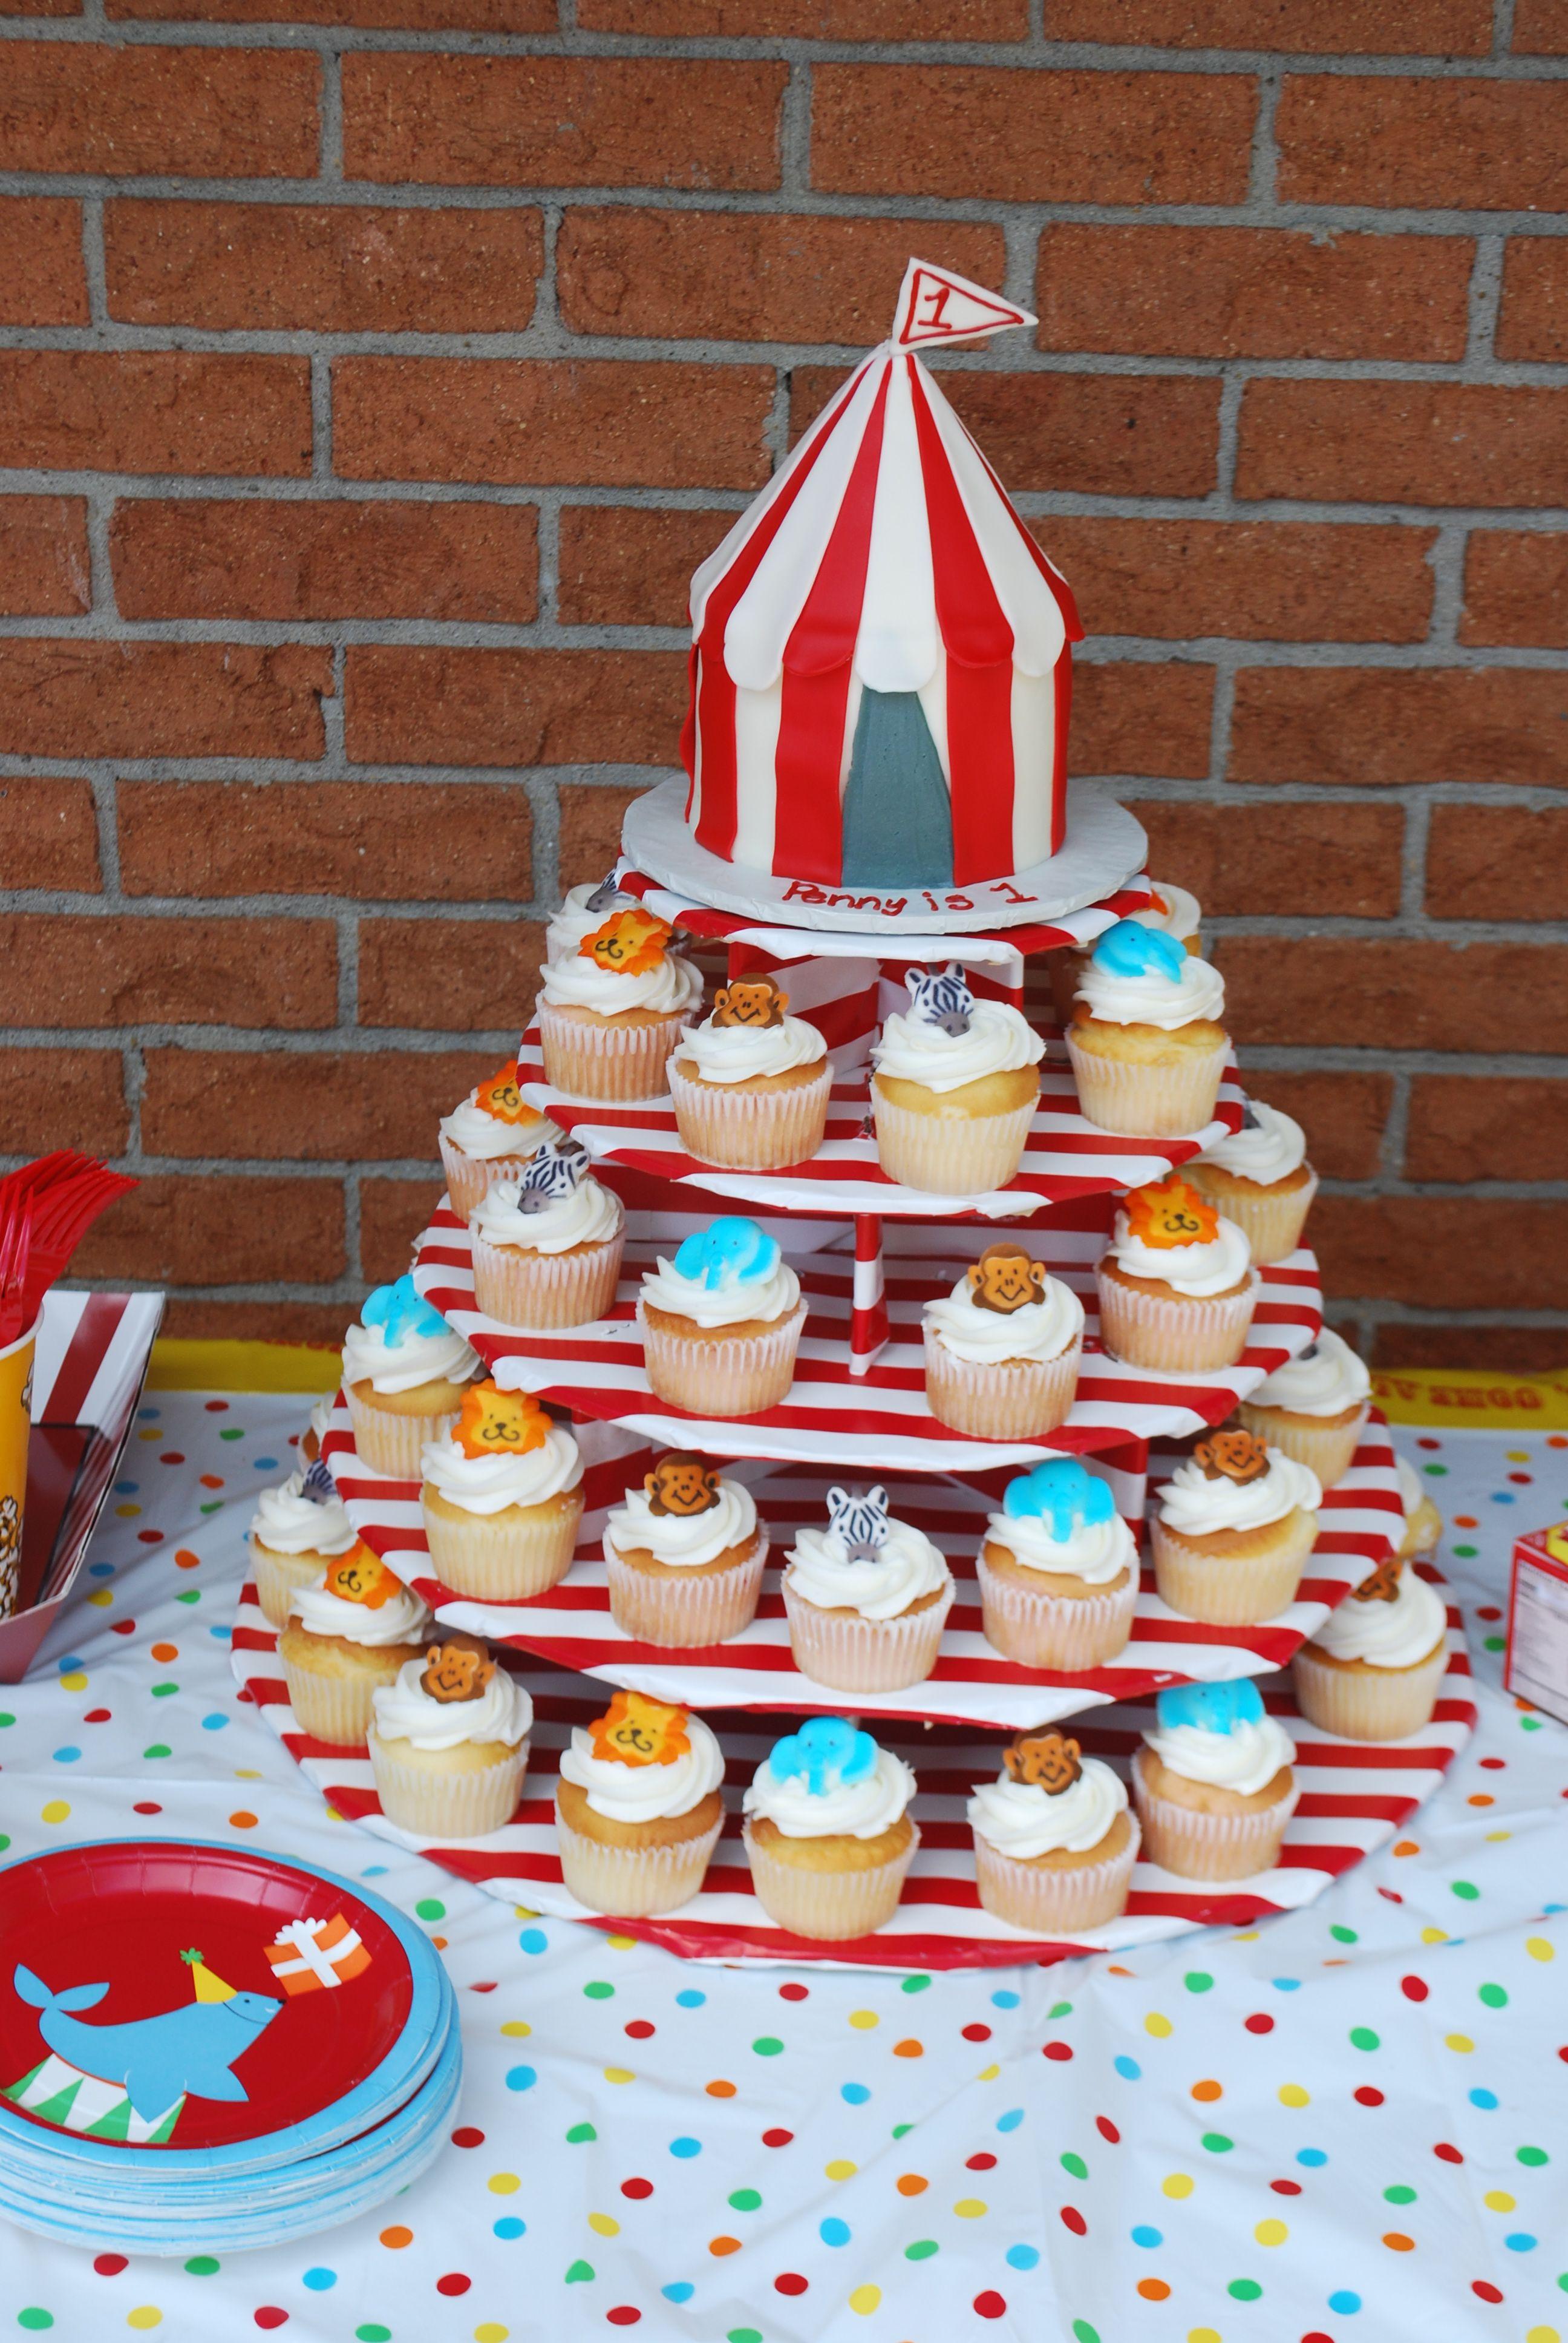 Pennyu0027s 1st Birthday cake. Circus tent cake with animal cup cakes. & Pennyu0027s 1st Birthday cake. Circus tent cake with animal cup cakes ...